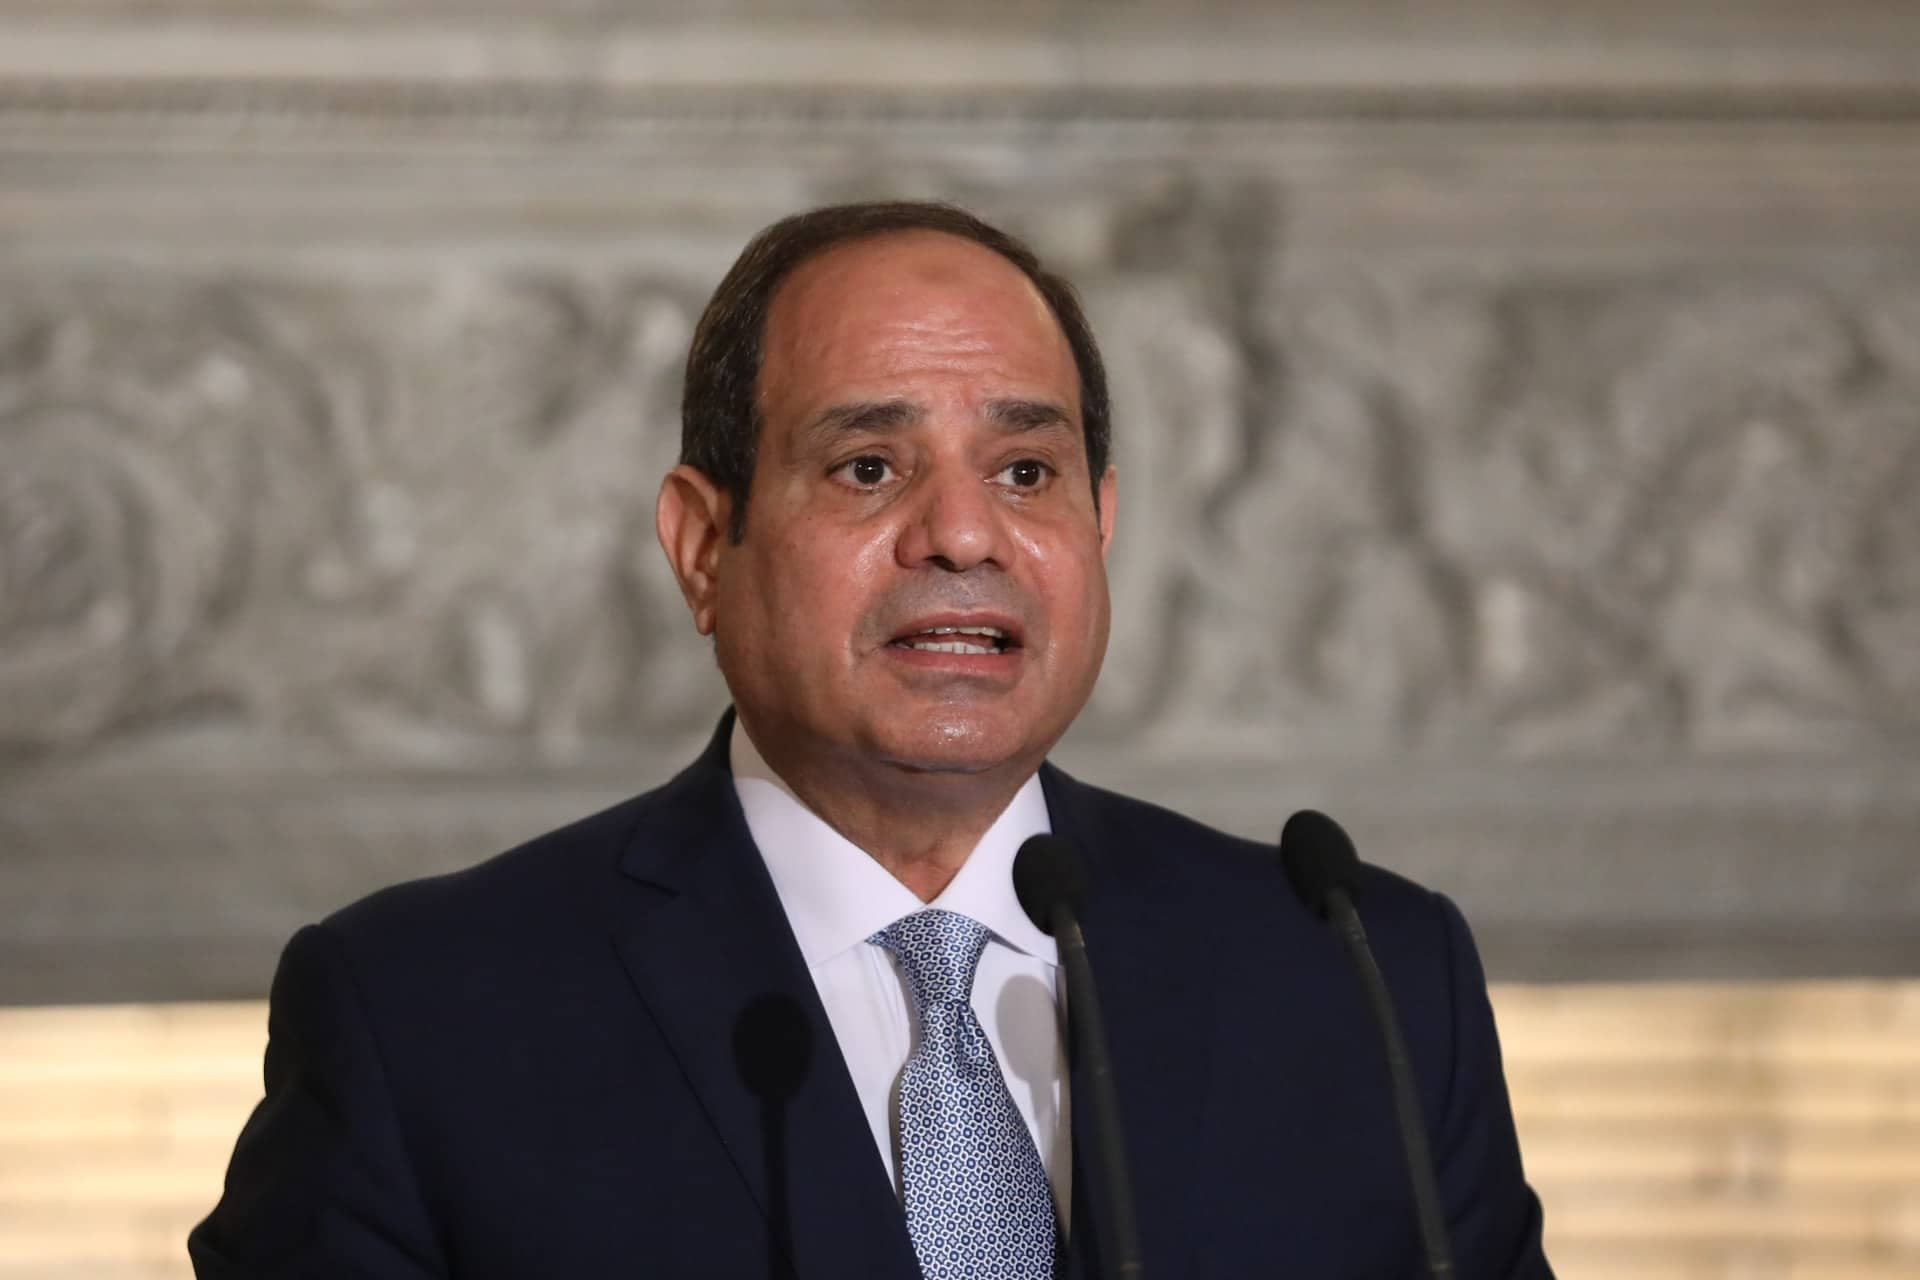 السيسي: الله حفظ مصر من السقوط كما حدث في الجوار! (فيديو)